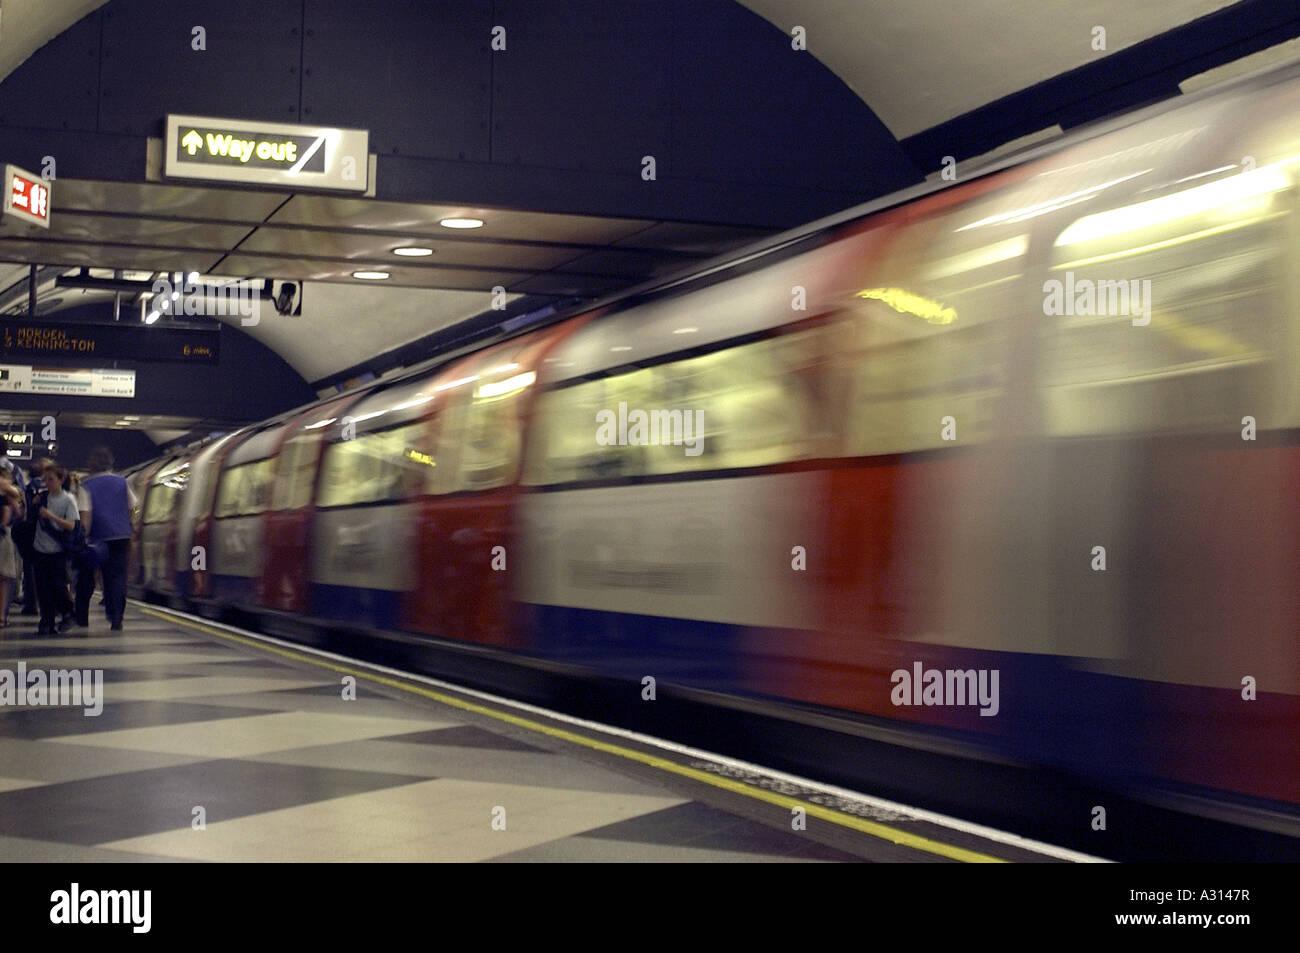 Royalty free photograph of British tube train London underground England UK - Stock Image